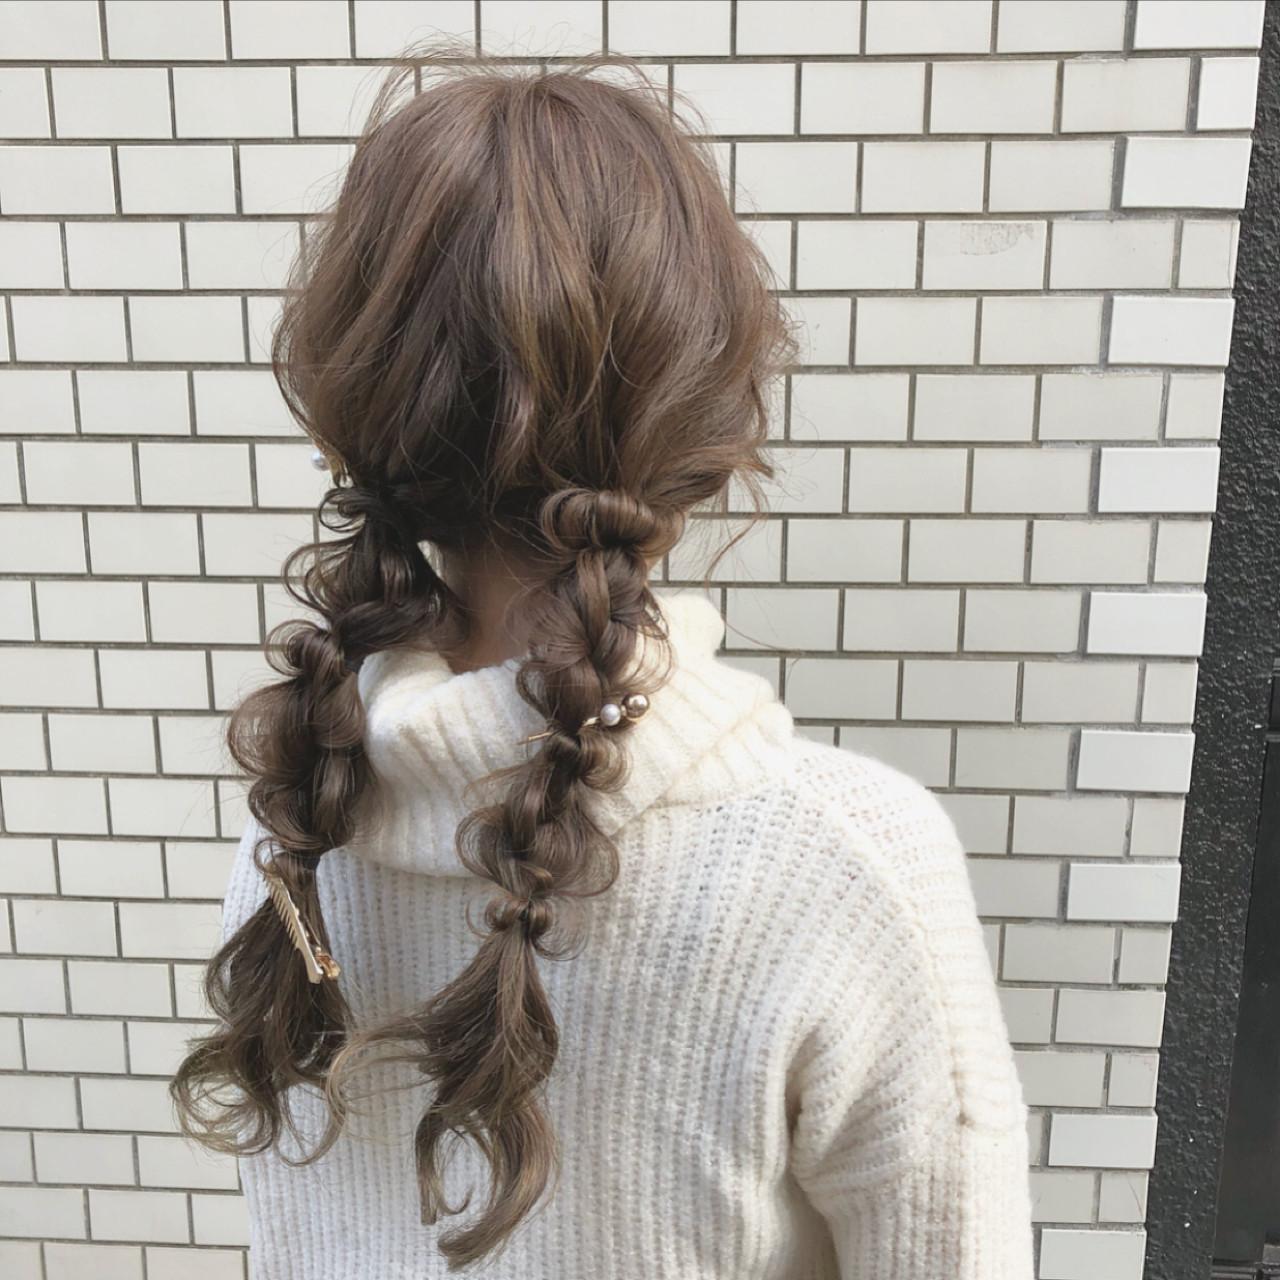 ナチュラルガーリーなくるりんぱ玉ねぎヘア hii.de@✂︎  CHERIE hair design